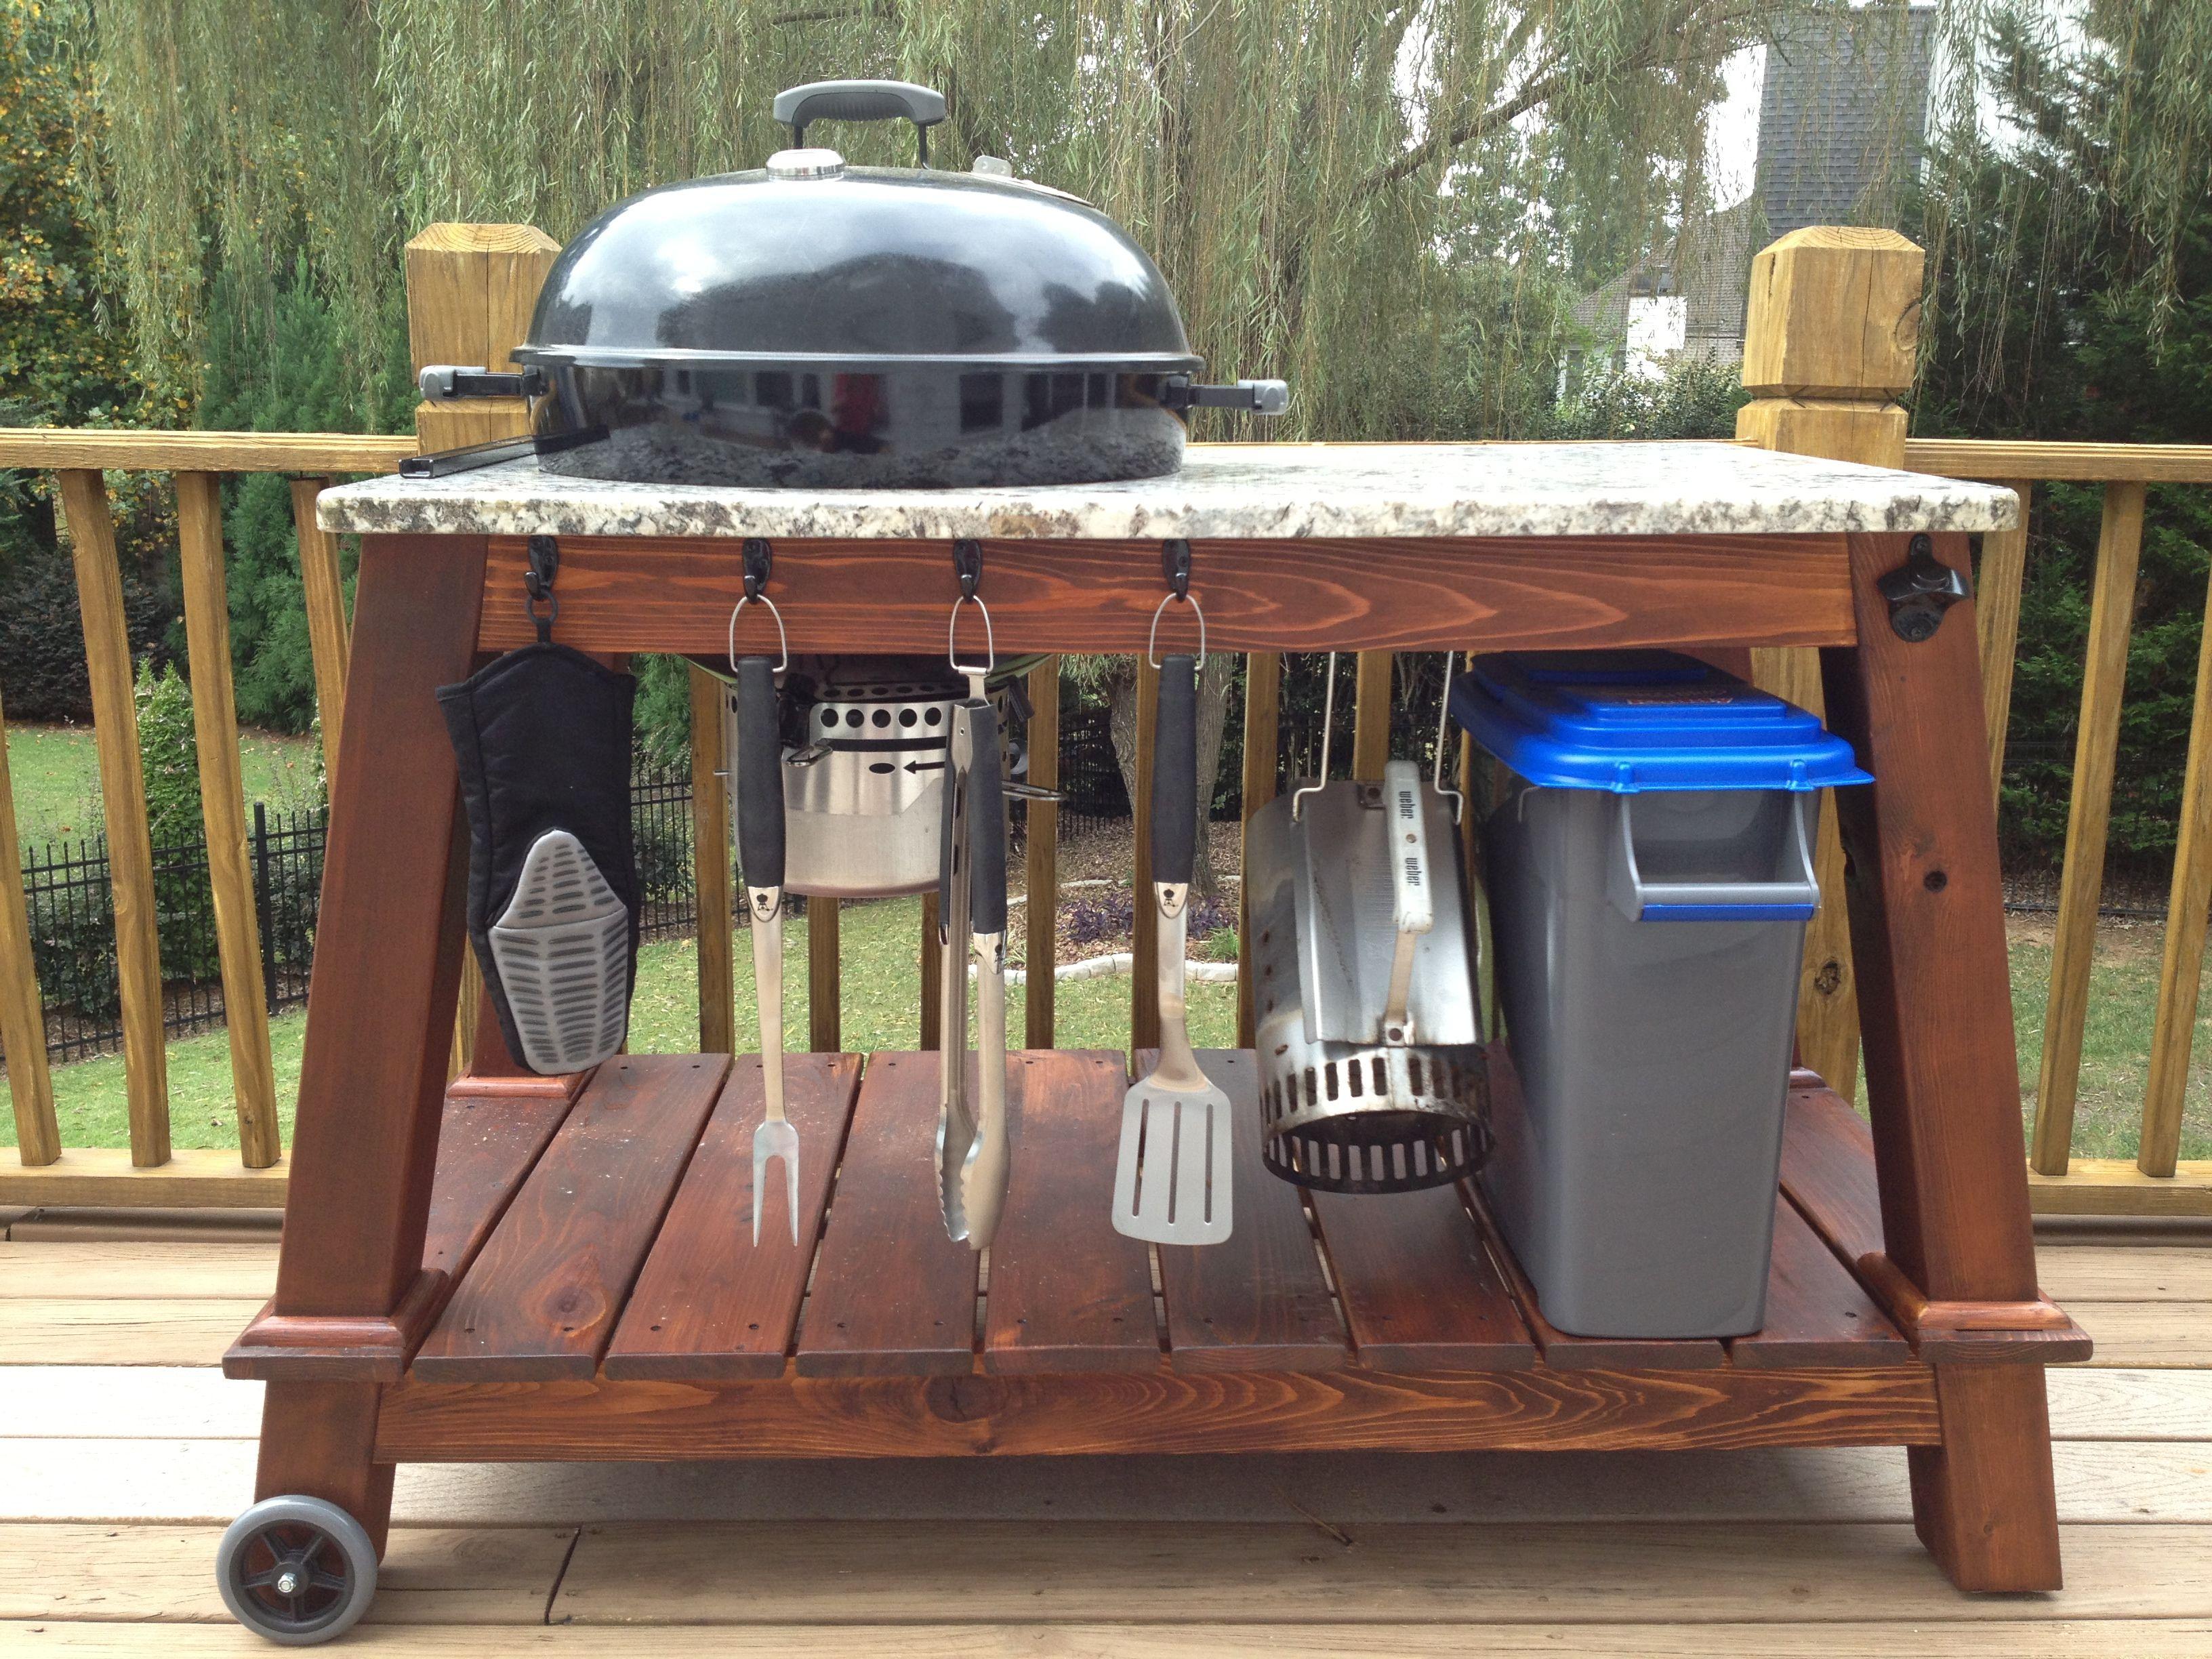 Outdoor Küche Weber Genesis : Outdoorküche mit weber spirit e grillforum und bbq